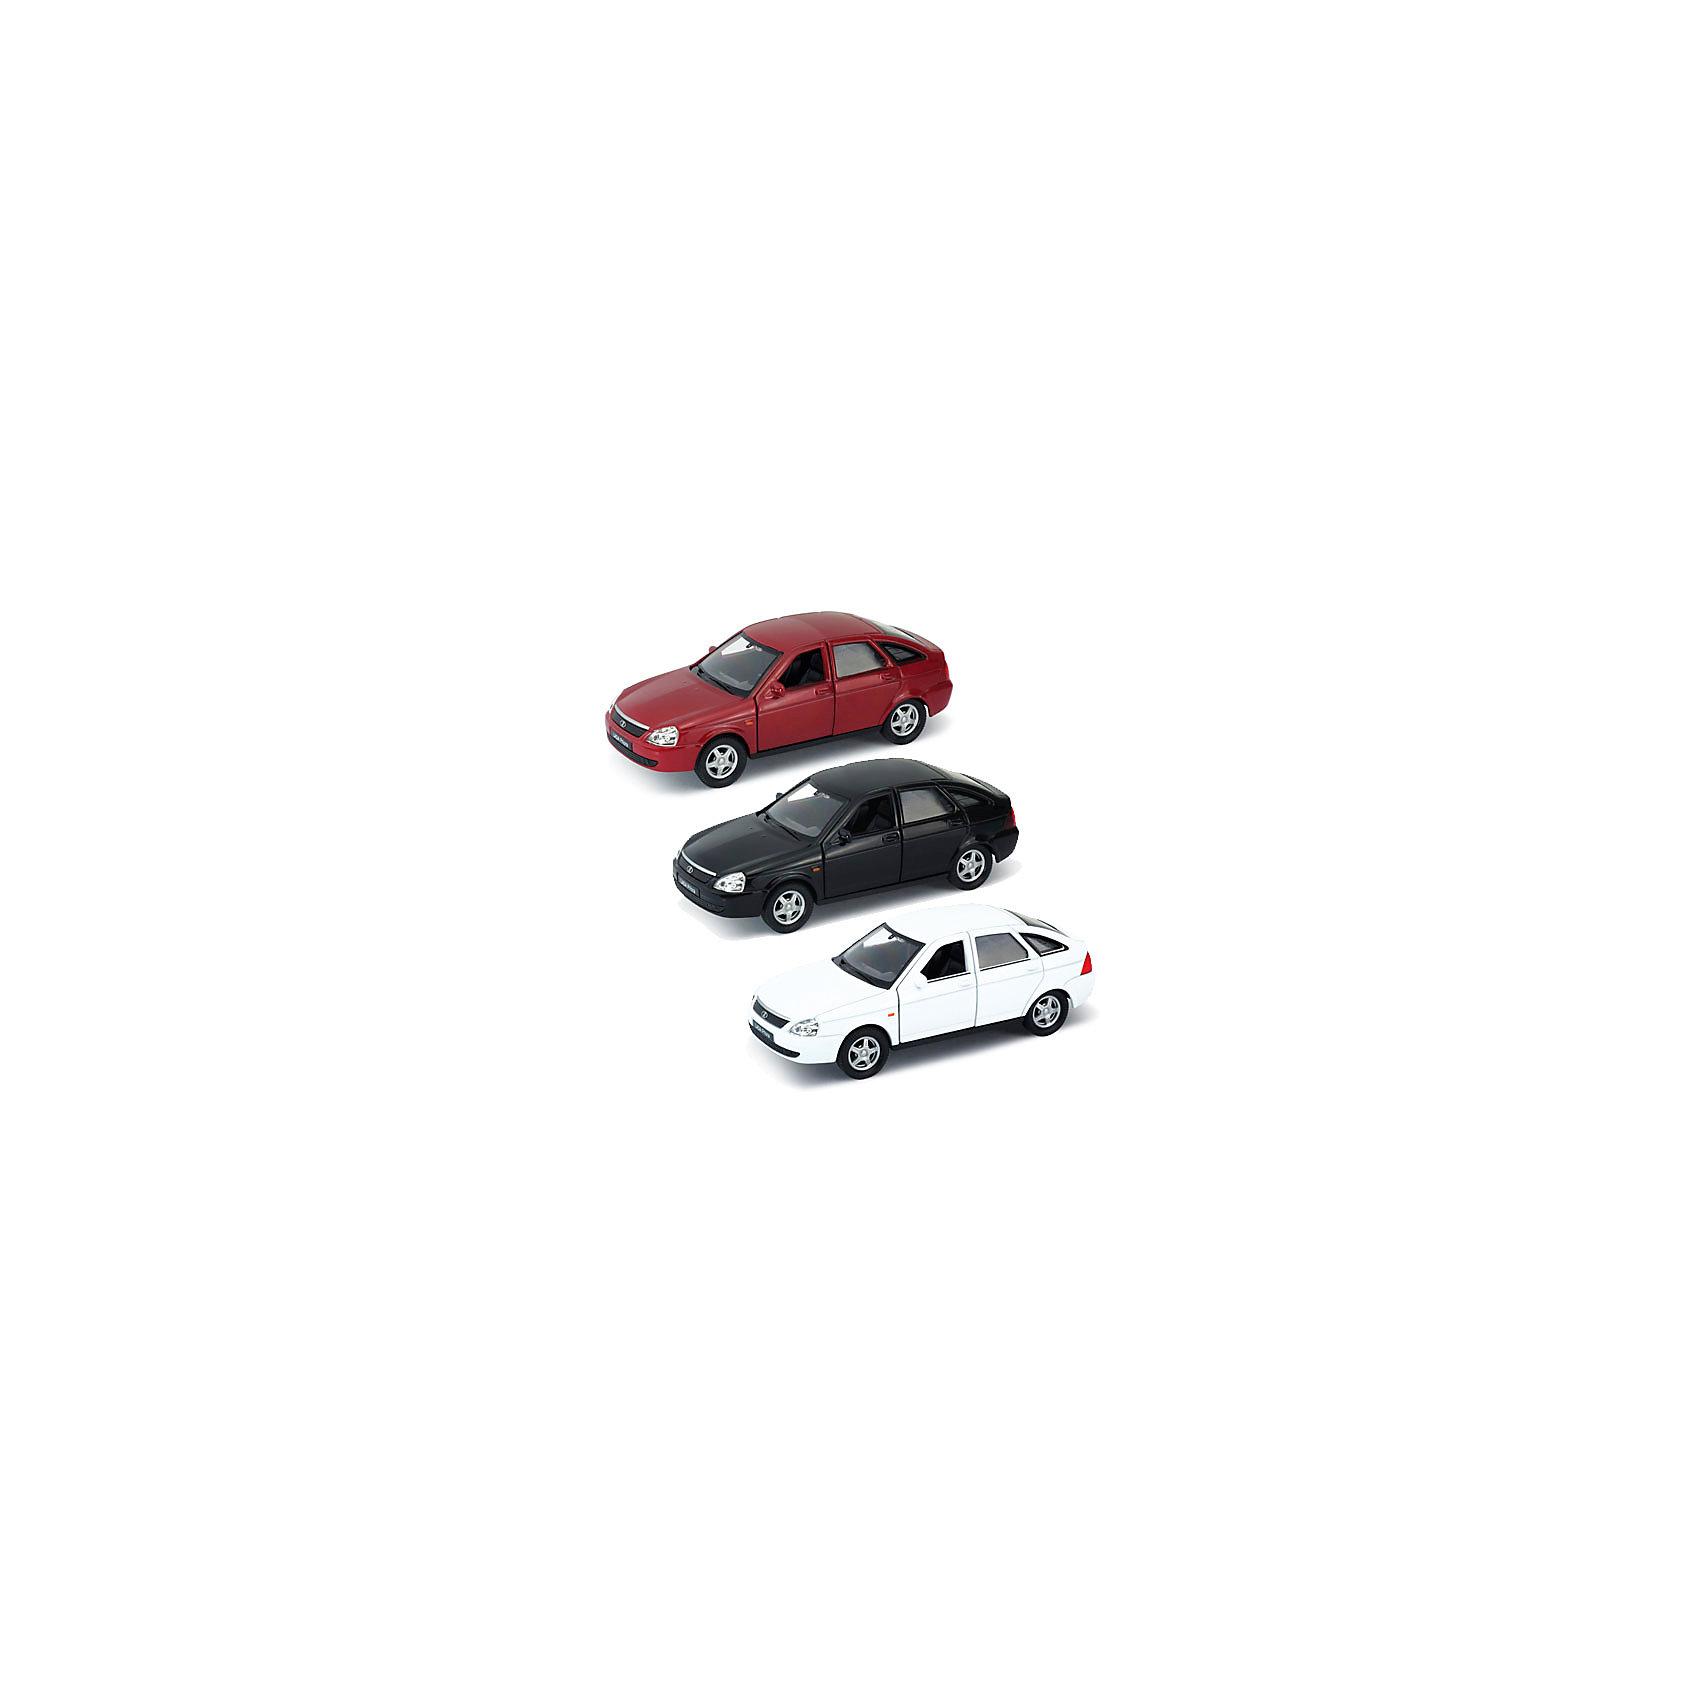 Модель машины  1:34-39 LADA PRIORA, WellyКоллекционные модели<br>Коллекционная модель машины Welly 1:34-39 LADA PRIORA.<br>Цвет кузова автомобиля представлен в ассортименте. Выбрать определенный цвет заранее не представляется возможным.<br><br>Ширина мм: 60<br>Глубина мм: 115<br>Высота мм: 145<br>Вес г: 161<br>Возраст от месяцев: 36<br>Возраст до месяцев: 192<br>Пол: Мужской<br>Возраст: Детский<br>SKU: 4966532